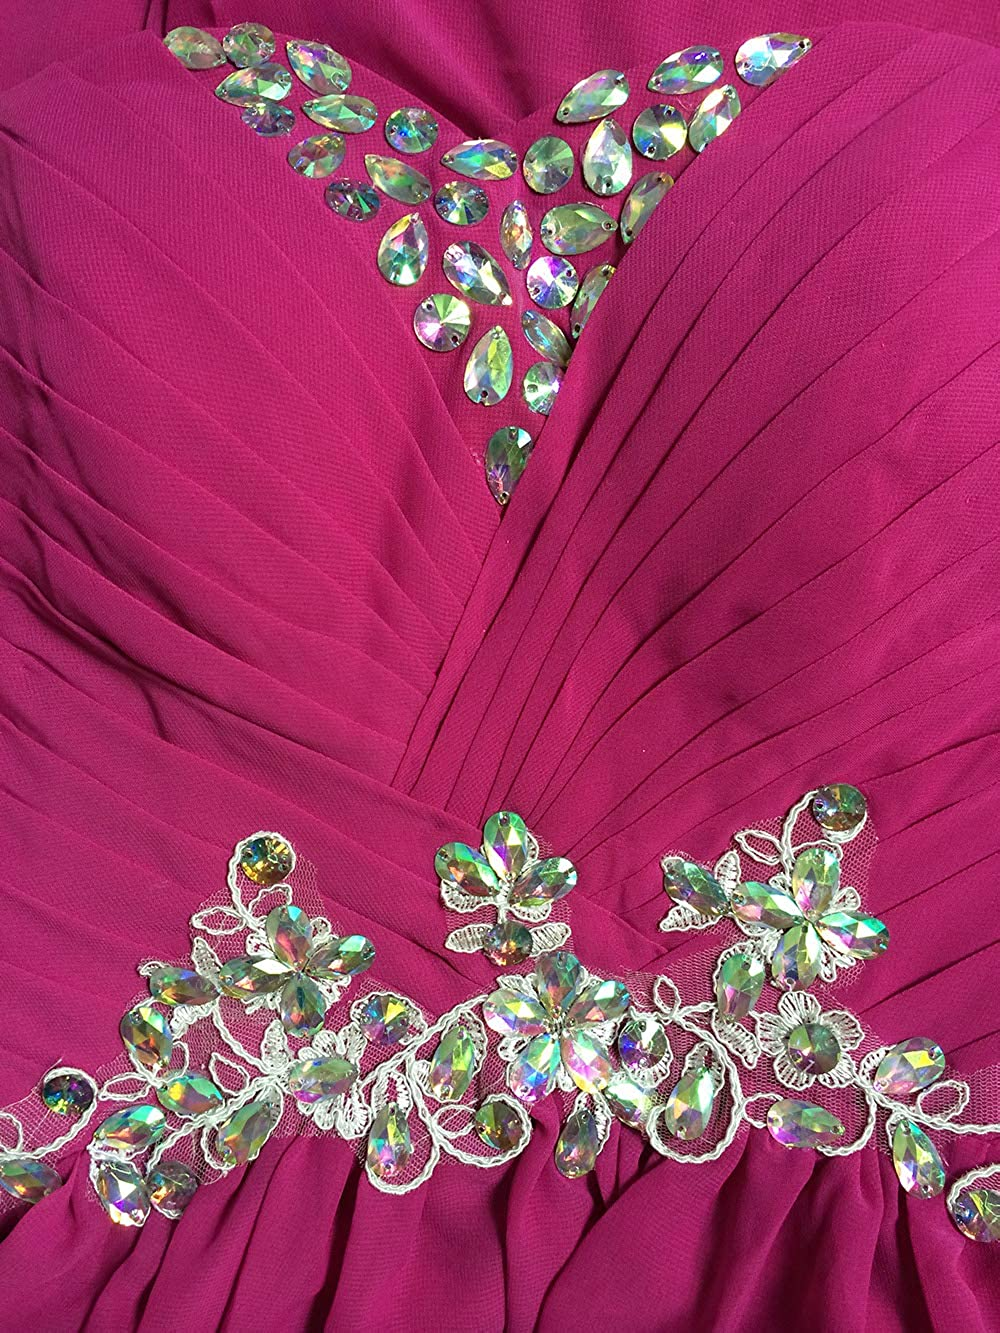 Ovender/® Damen Kleid Festliche Kleider Brautjungfer Verleihung Fr/äulein Hochzeit Cocktailkleid Faltenrock Elegant Langes Abendkleid Ball Party